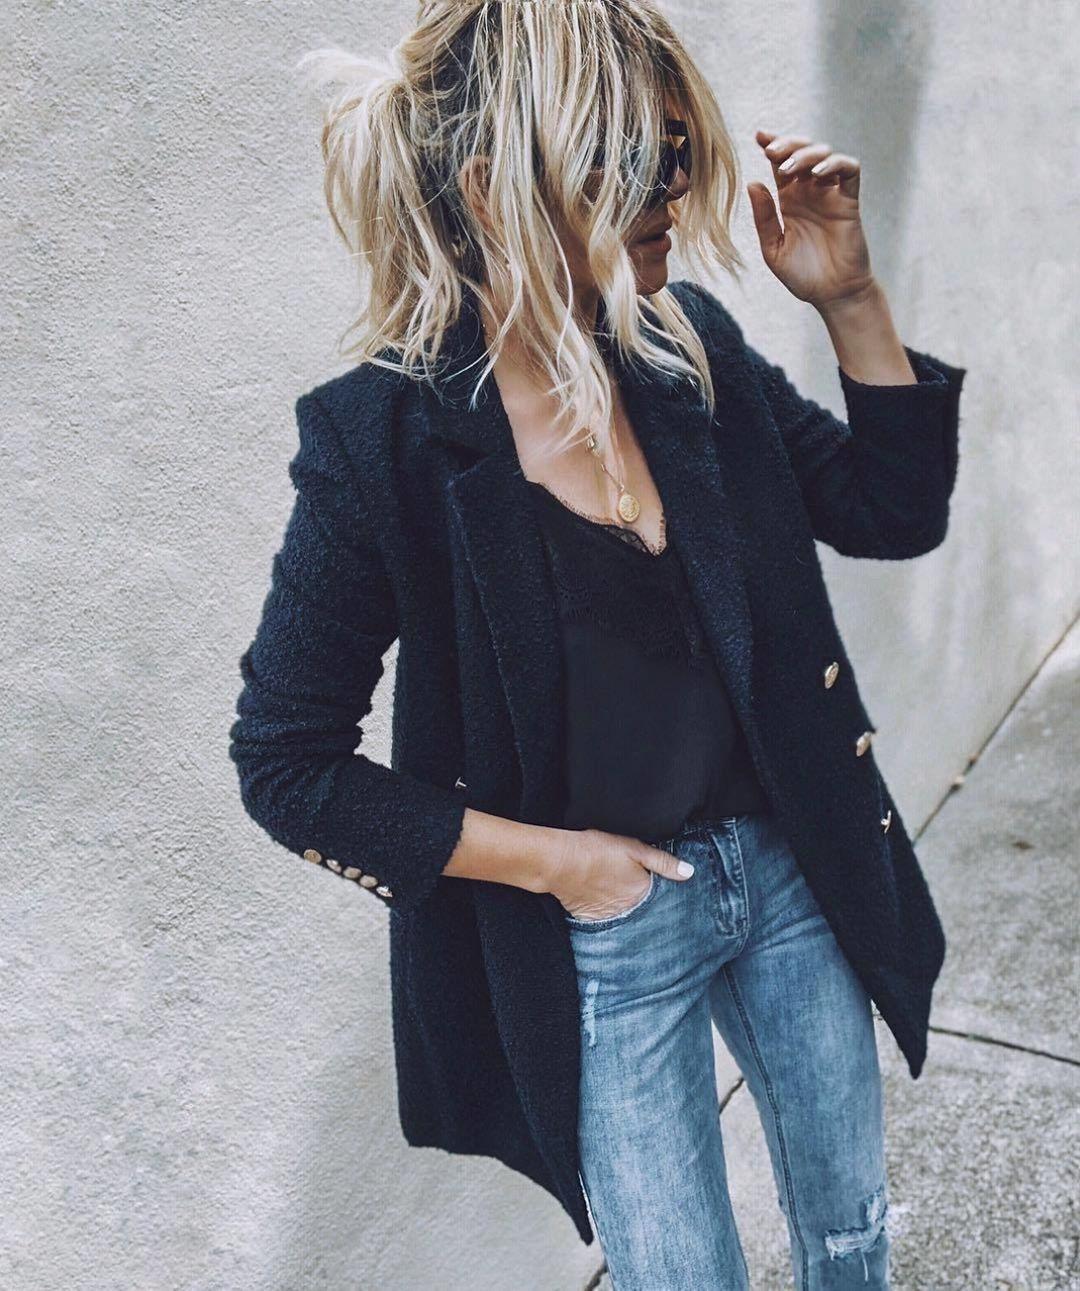 Черная рубашка и джинсы фото 9